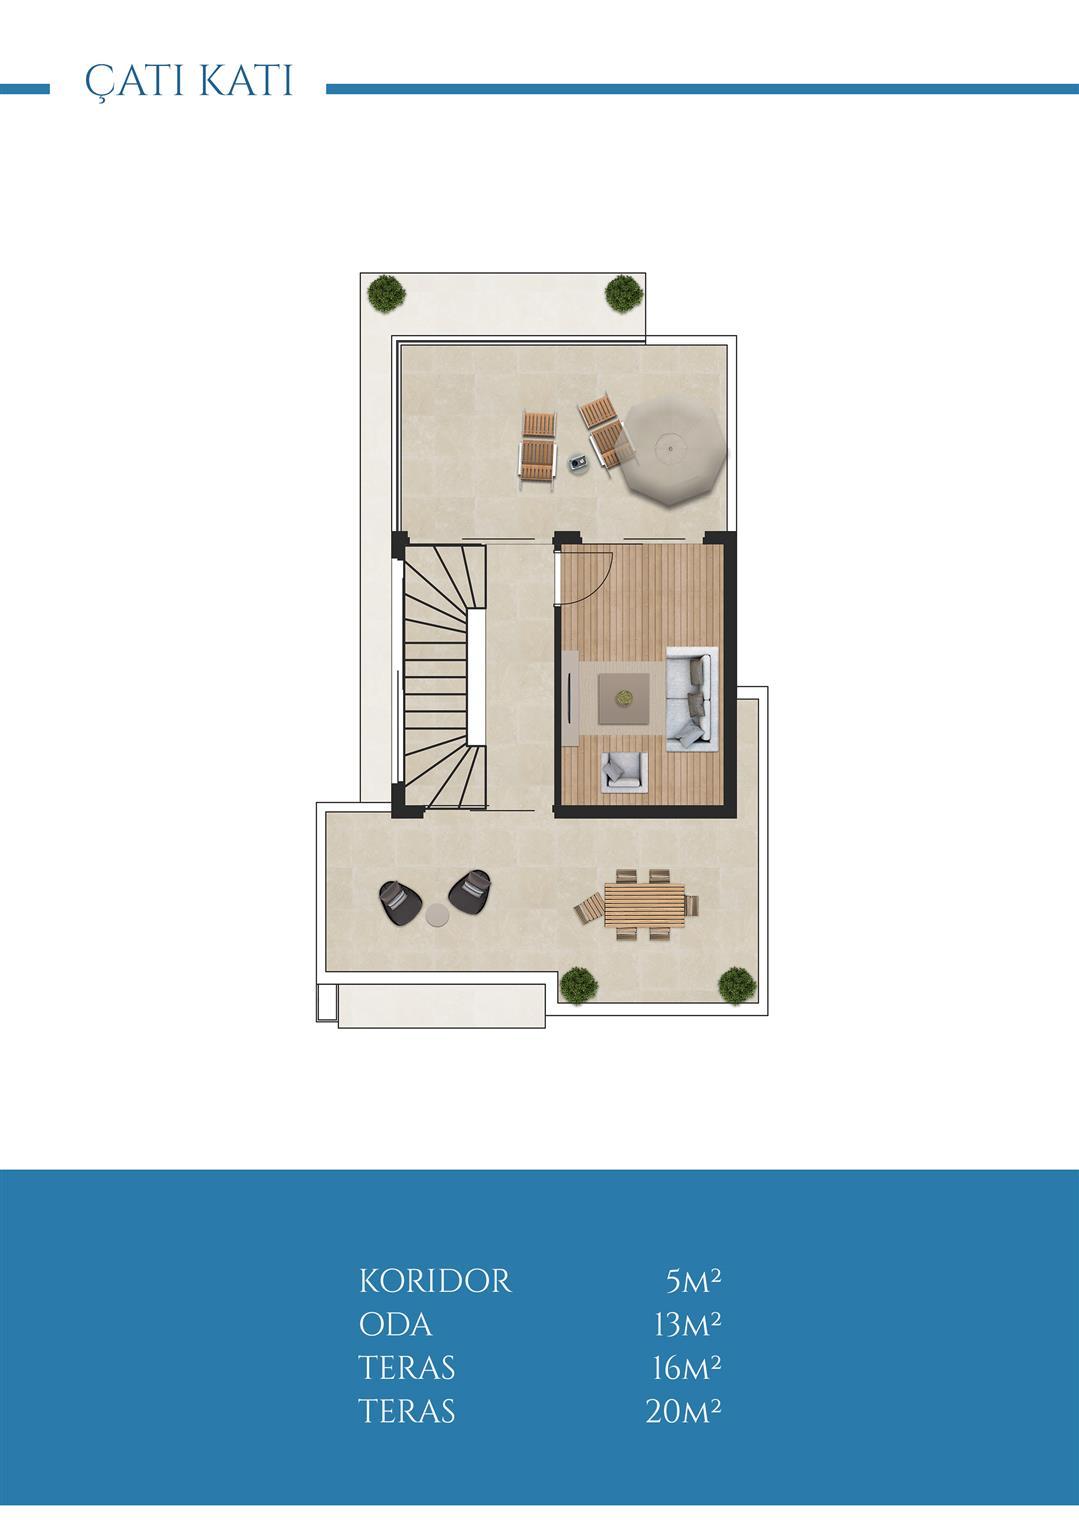 demren-green2016101511730883.jpg Demren İnşaat Proje